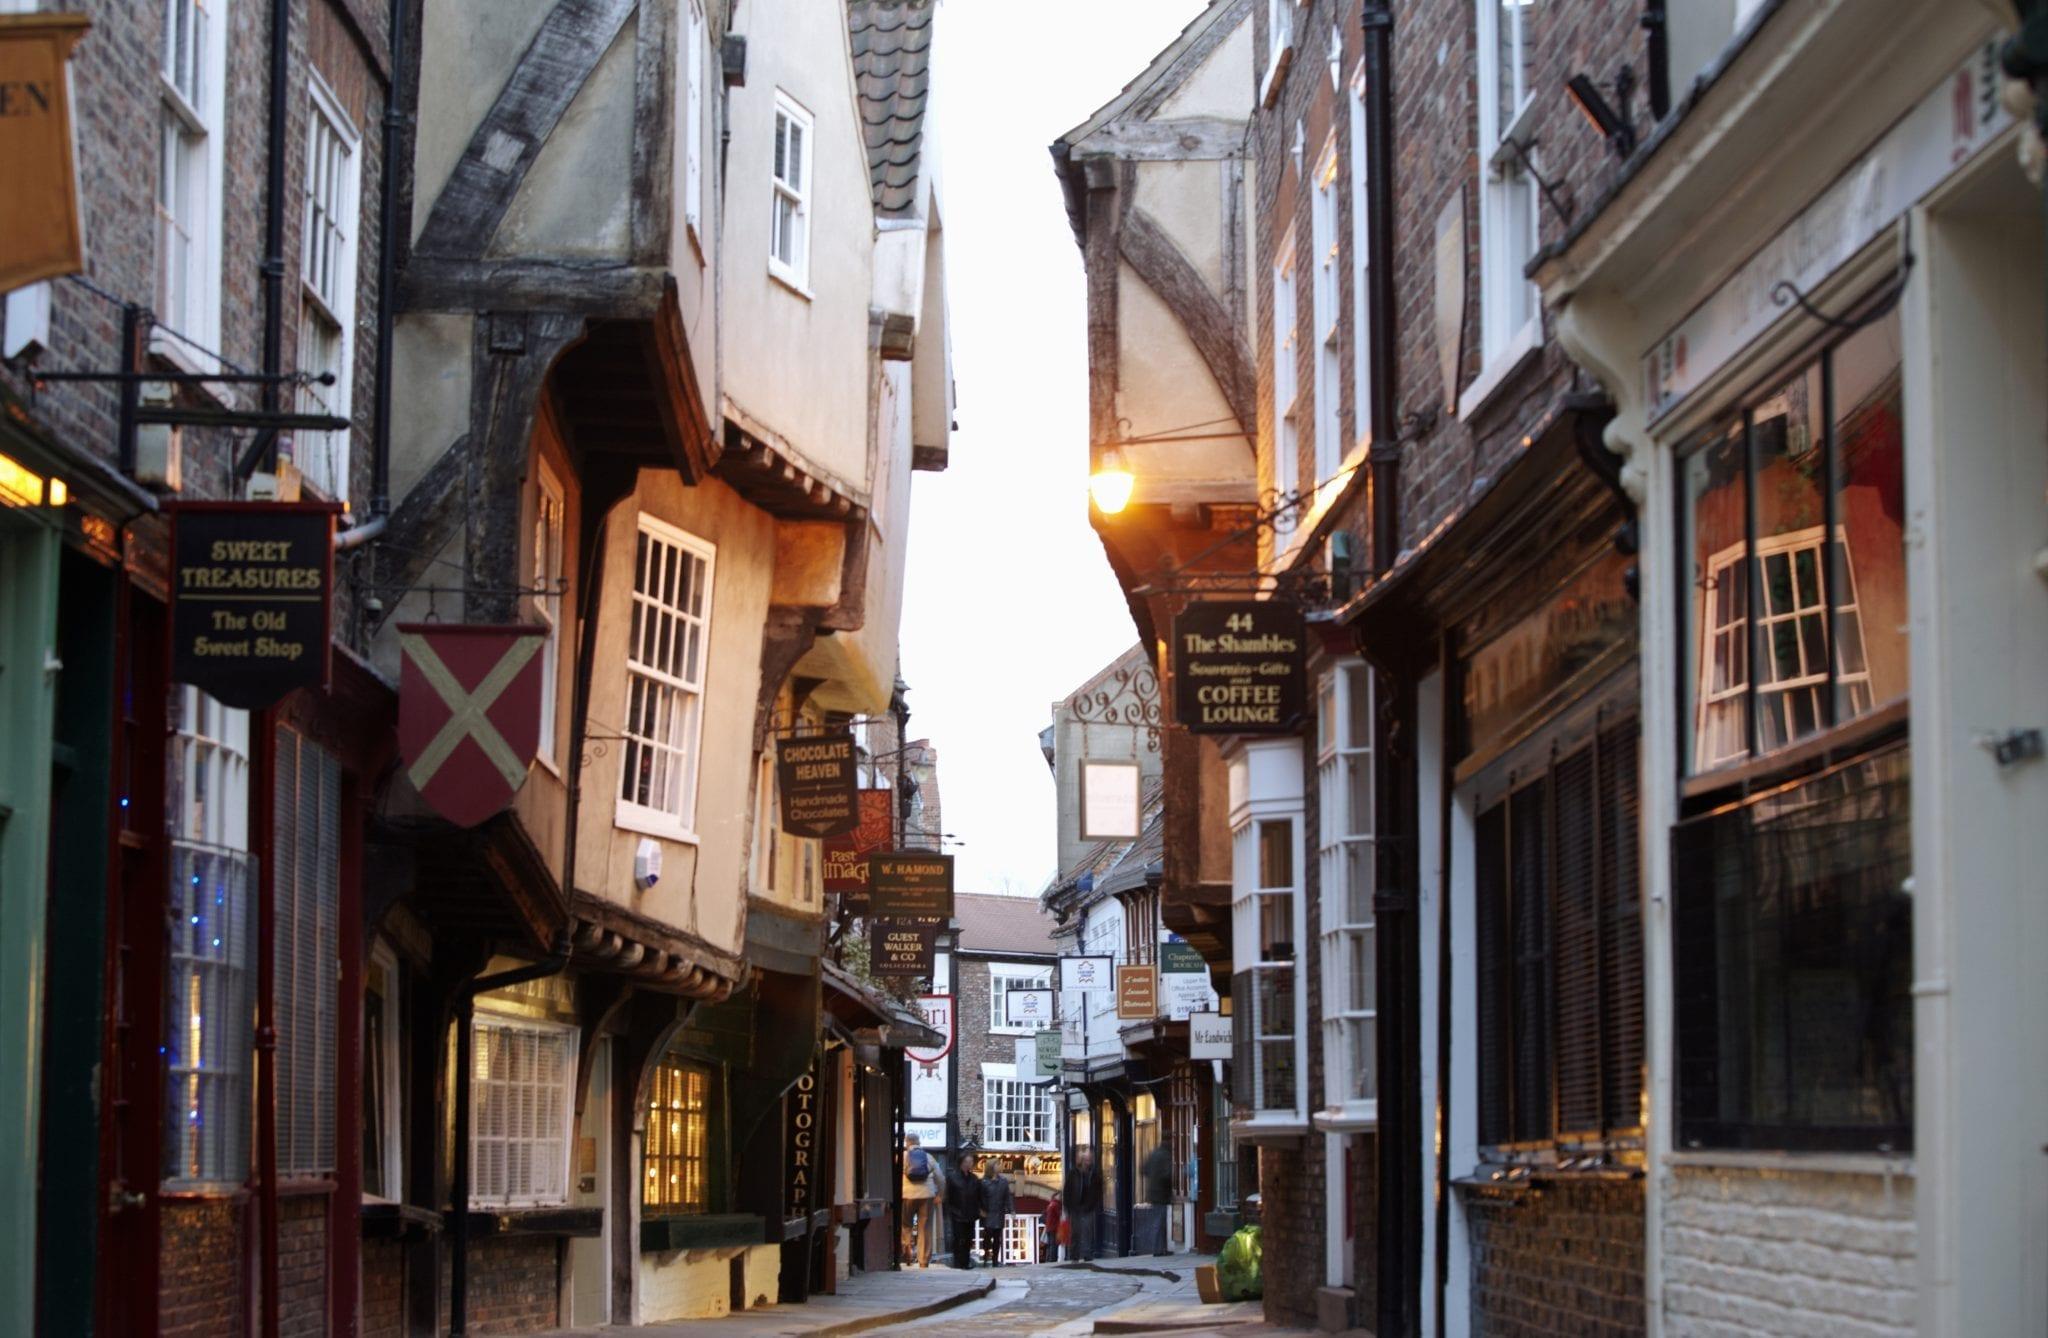 Población, Universidad y centro medieval de la ciudad de york en Inglaterra para españoles